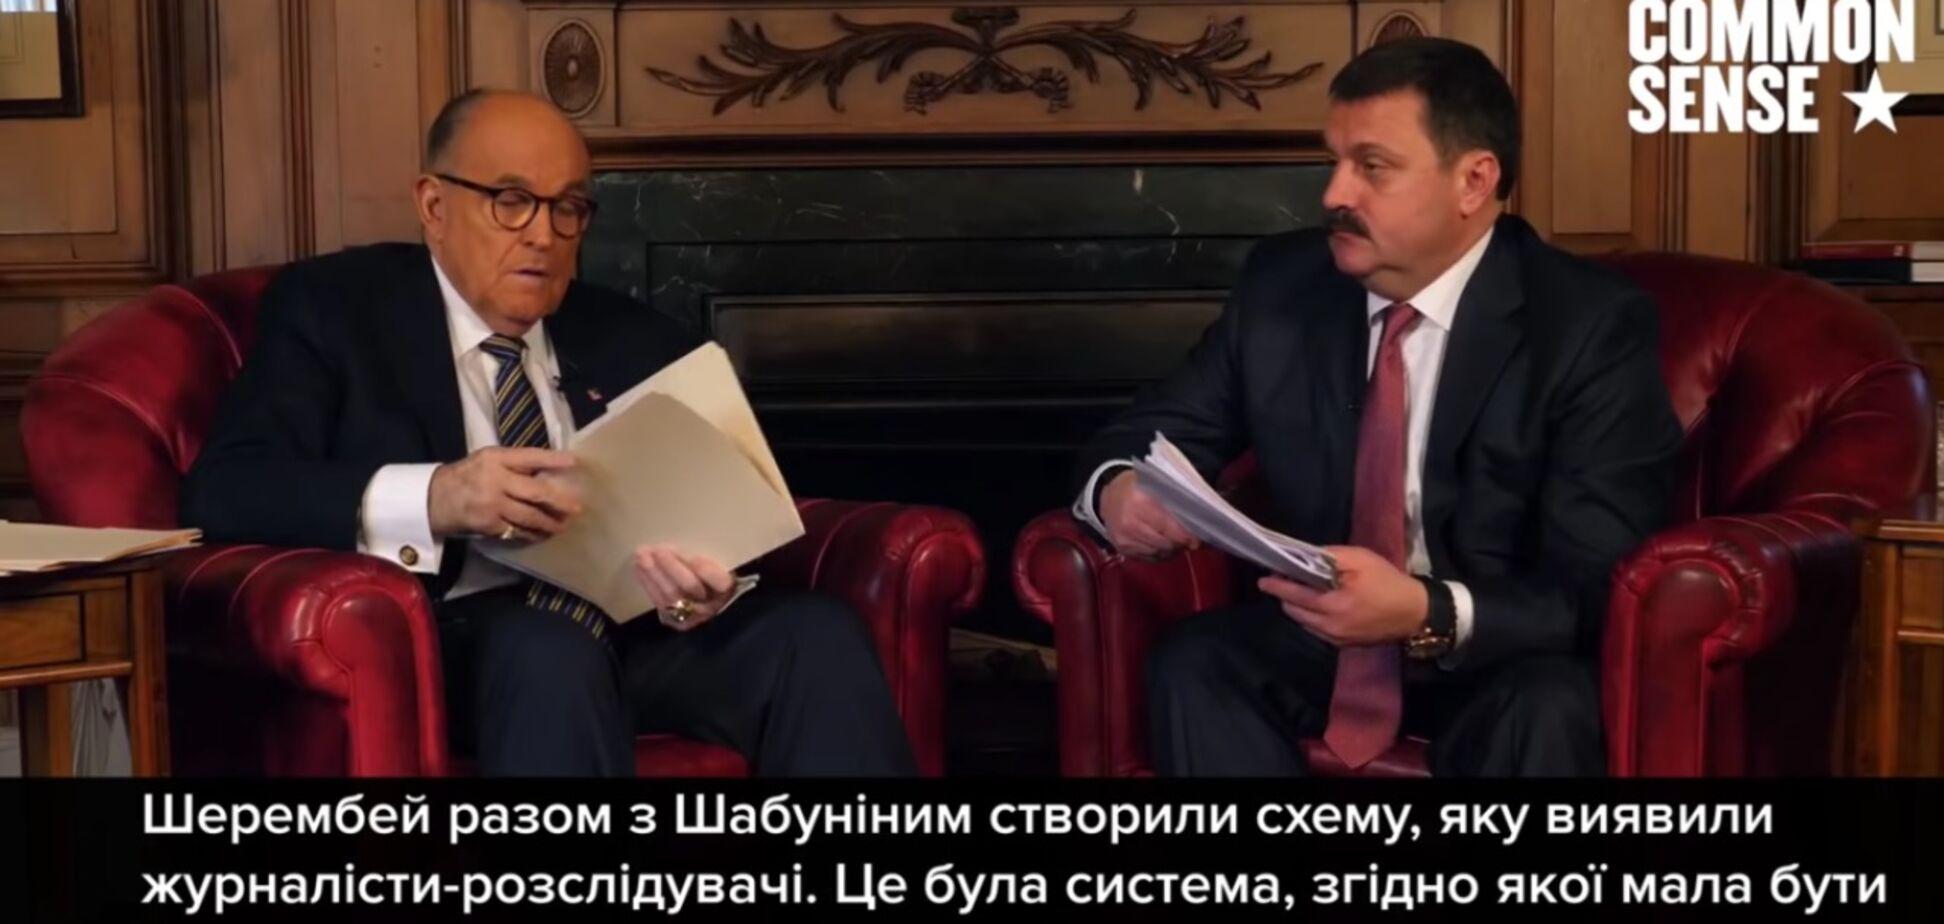 Международных доноров попросили не помогать Украине через коррумпированные структуры Шерембея-Шабунина